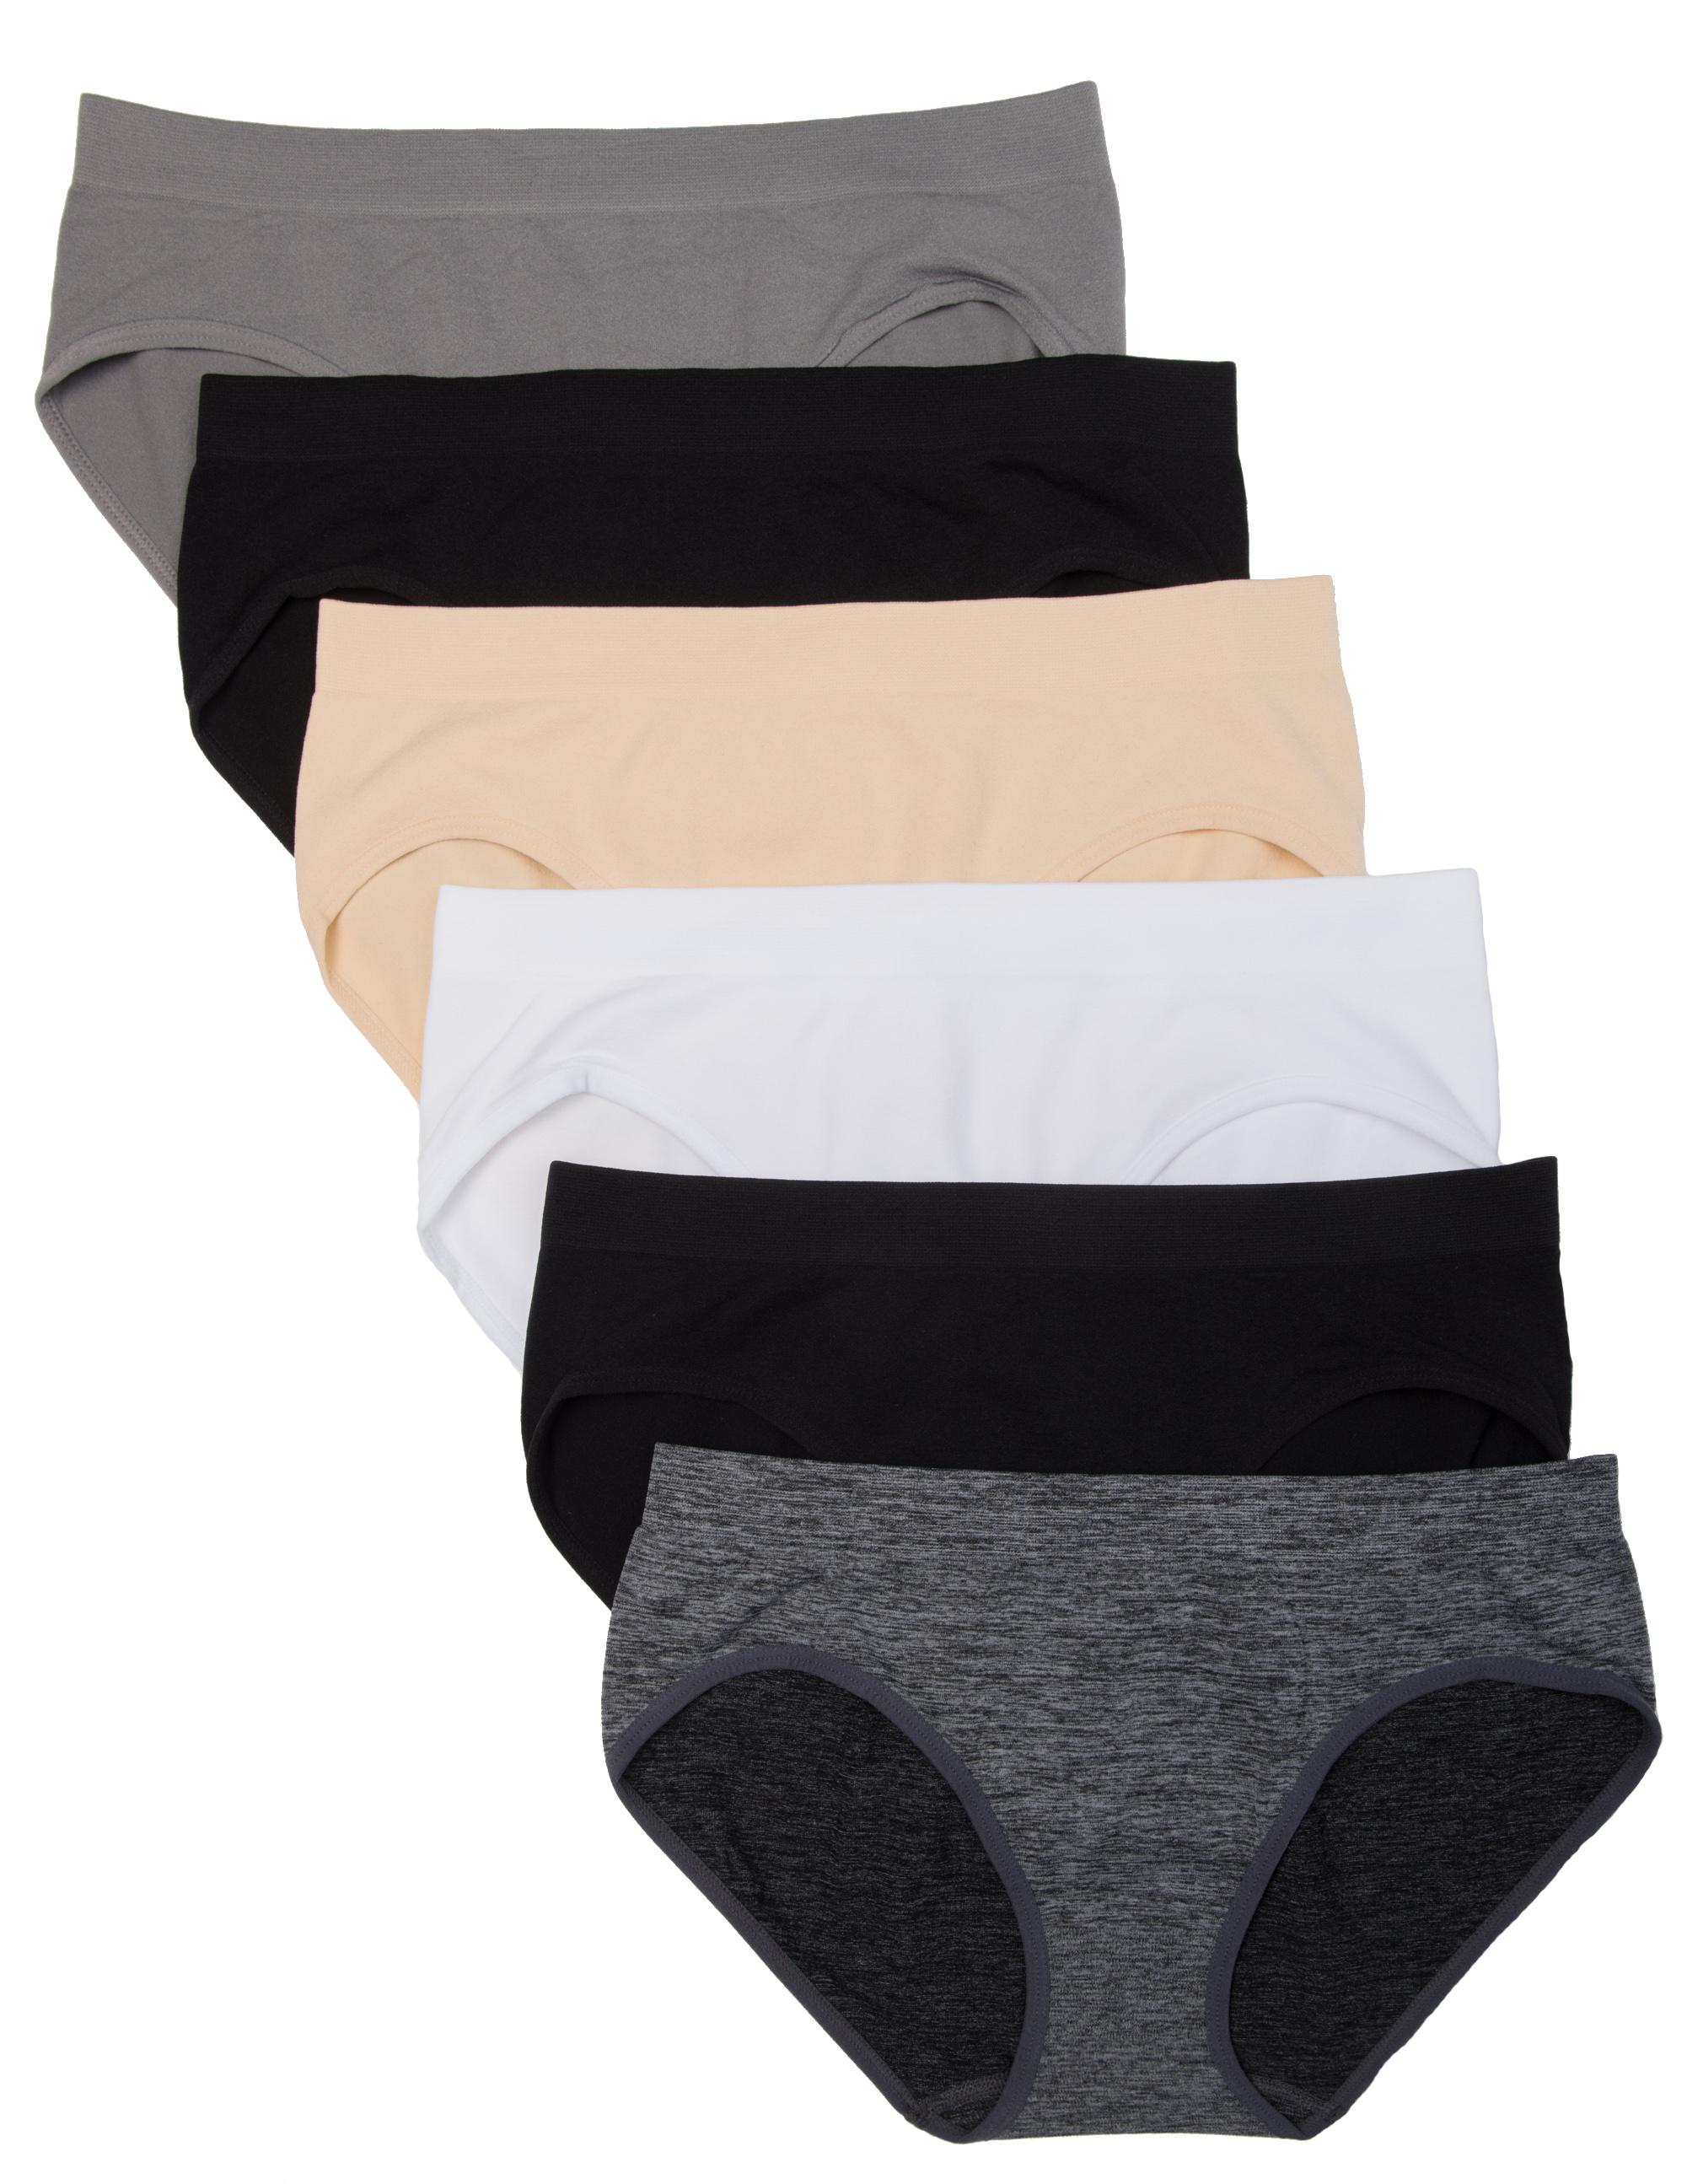 6 Pack Kalon Women's Hipster Brief Nylon Spandex Underwear ...